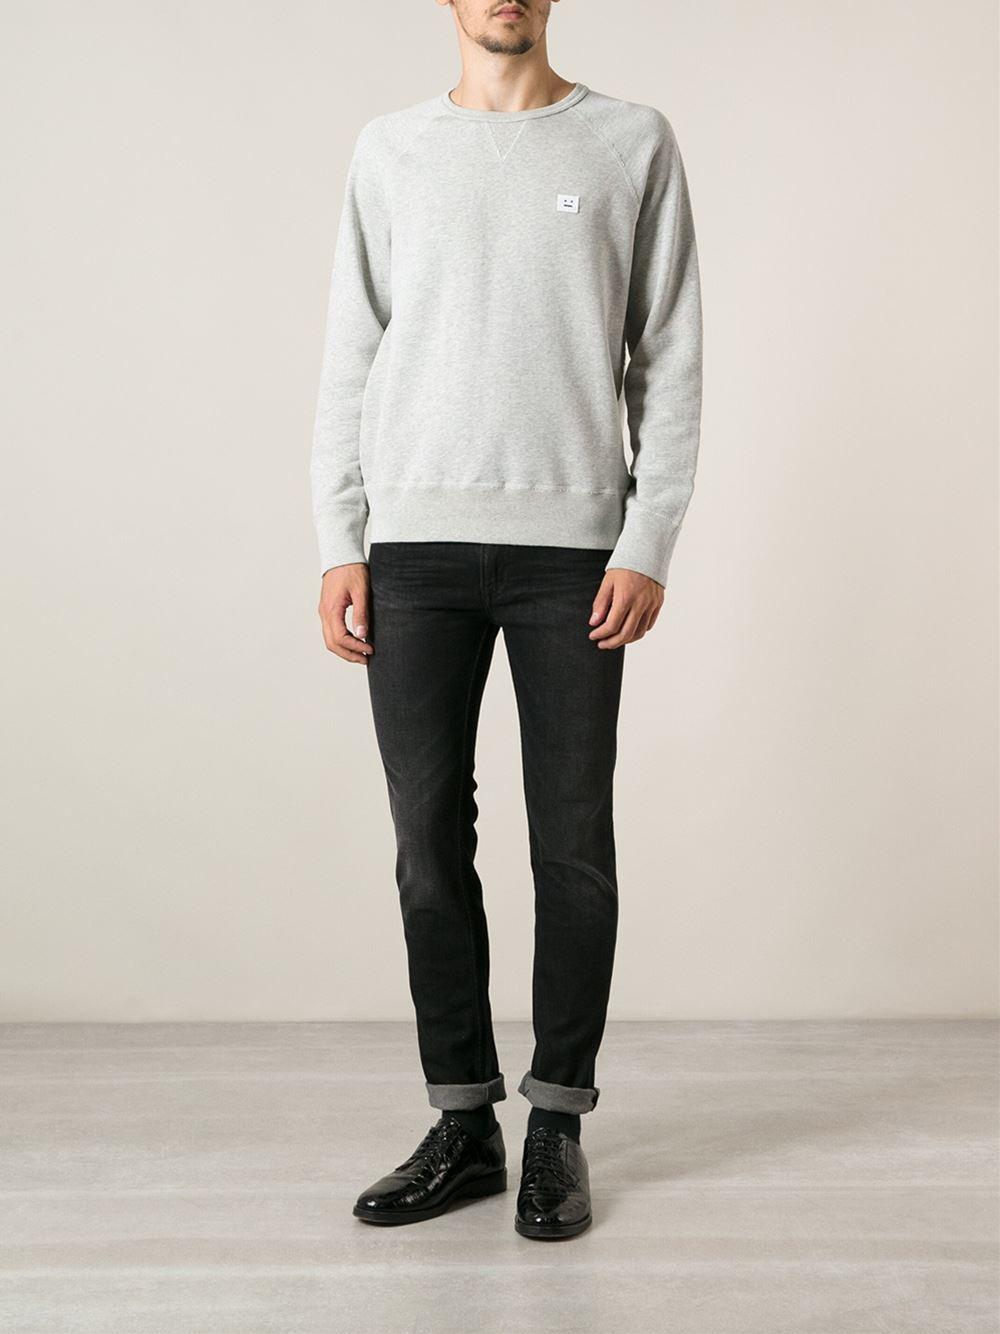 Lyst - Acne Studios Skinny Jeans in Black for Men ba516571ba7